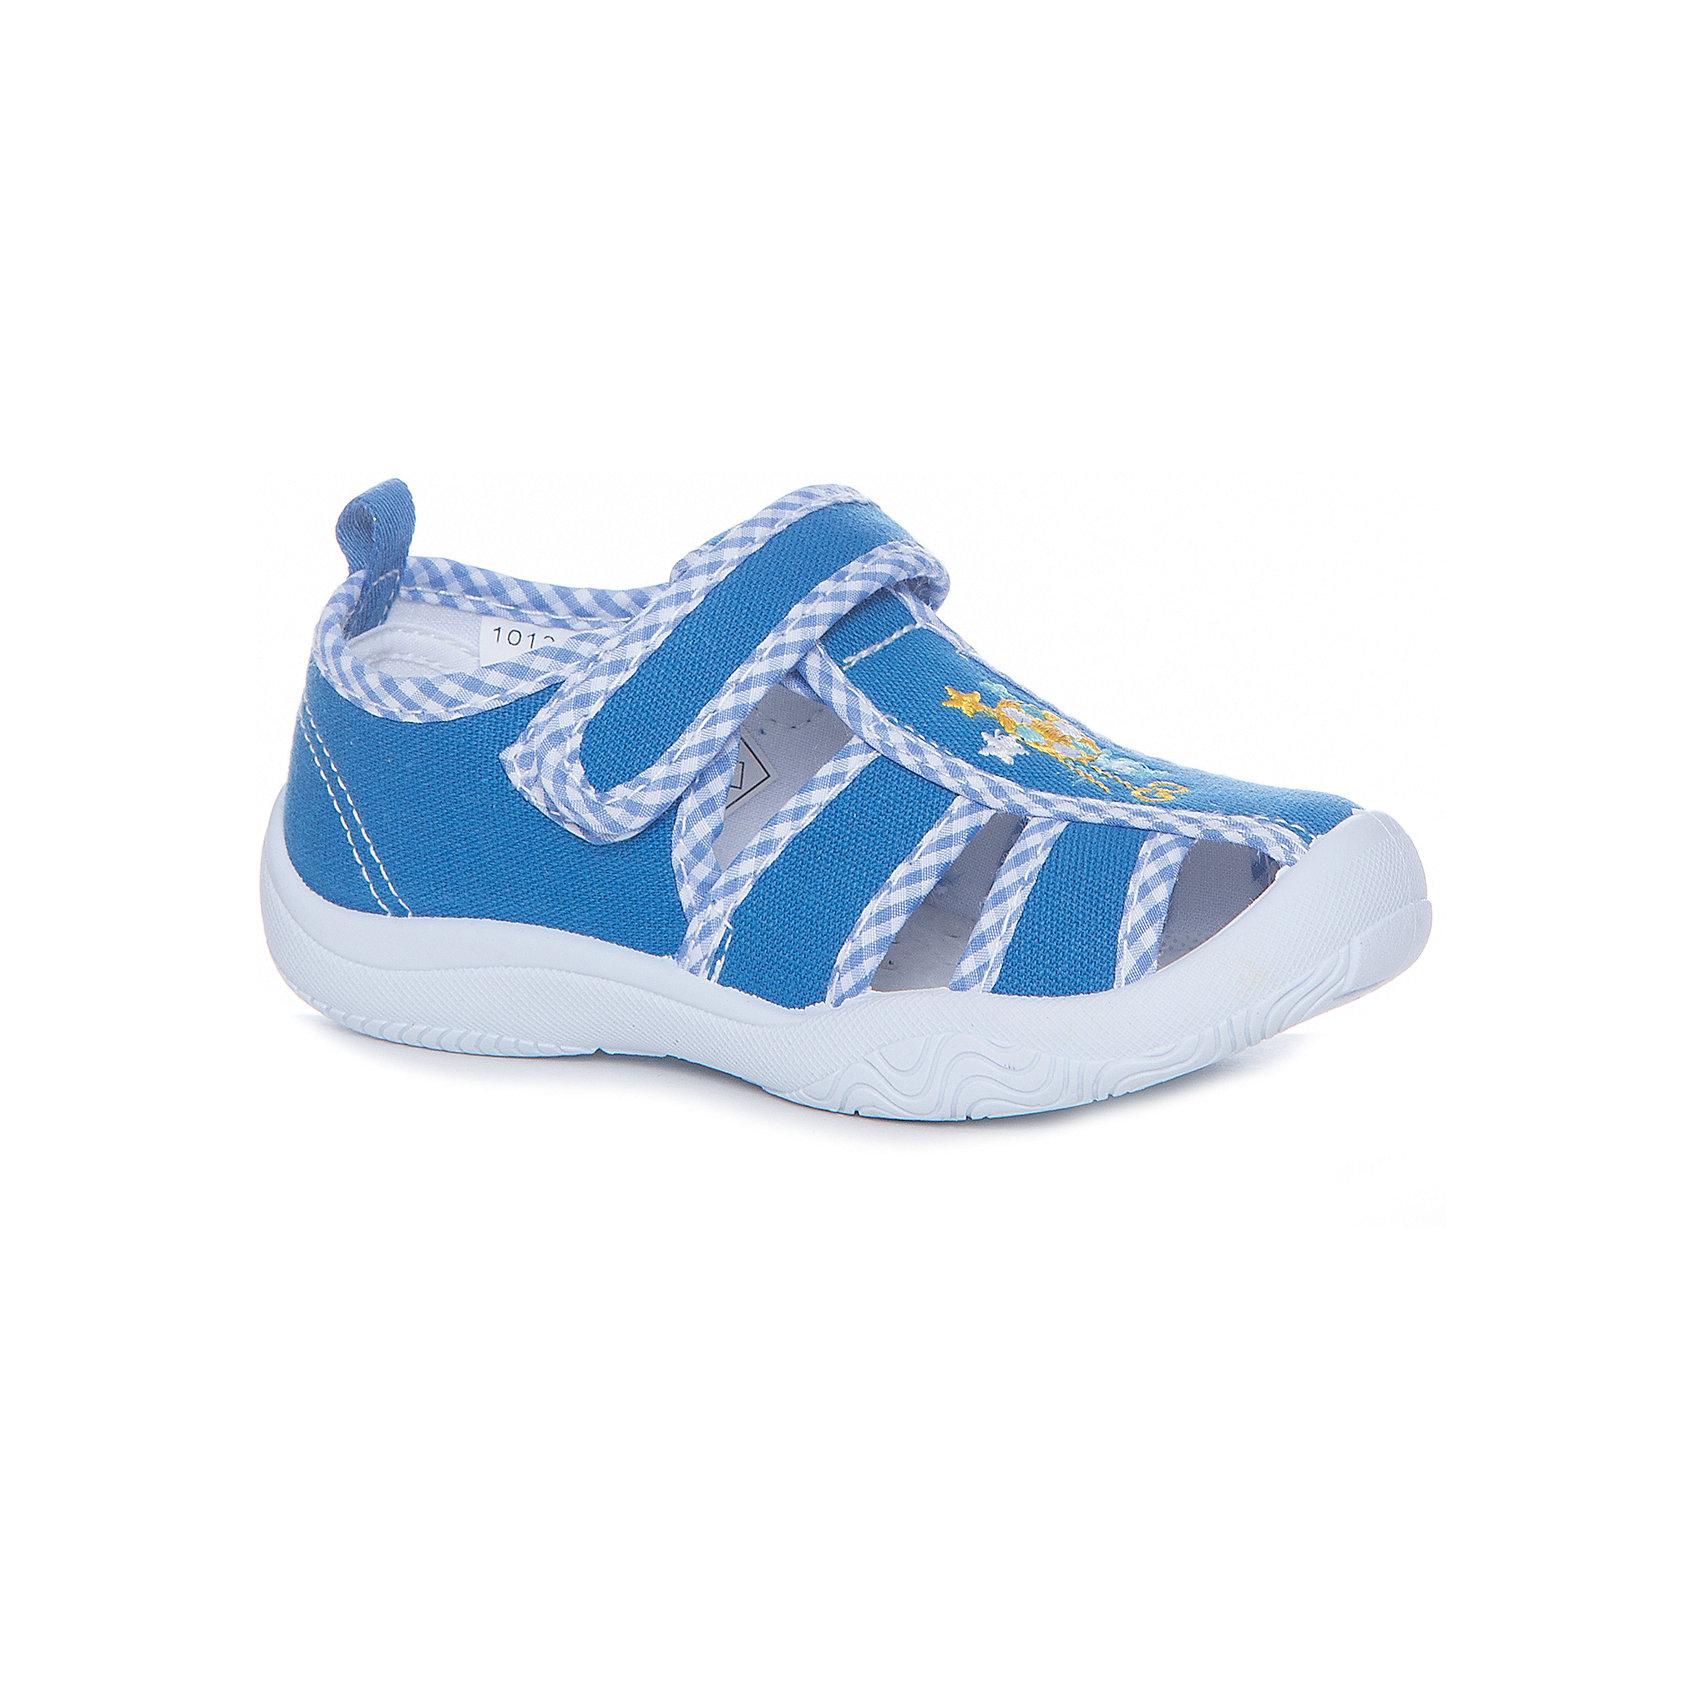 Сандалии для мальчика MURSUОбувь<br>Текстильная обувь для мальчика MURSU<br>Состав: <br>Материал верха: хлопок; Материал подкладки: хлопок; Материал подошвы: ПВХ; Материал стельки: натуральная кожа.<br><br>Ширина мм: 227<br>Глубина мм: 145<br>Высота мм: 124<br>Вес г: 325<br>Цвет: голубой<br>Возраст от месяцев: 24<br>Возраст до месяцев: 24<br>Пол: Мужской<br>Возраст: Детский<br>Размер: 25,20,21,22,23,24<br>SKU: 5325716